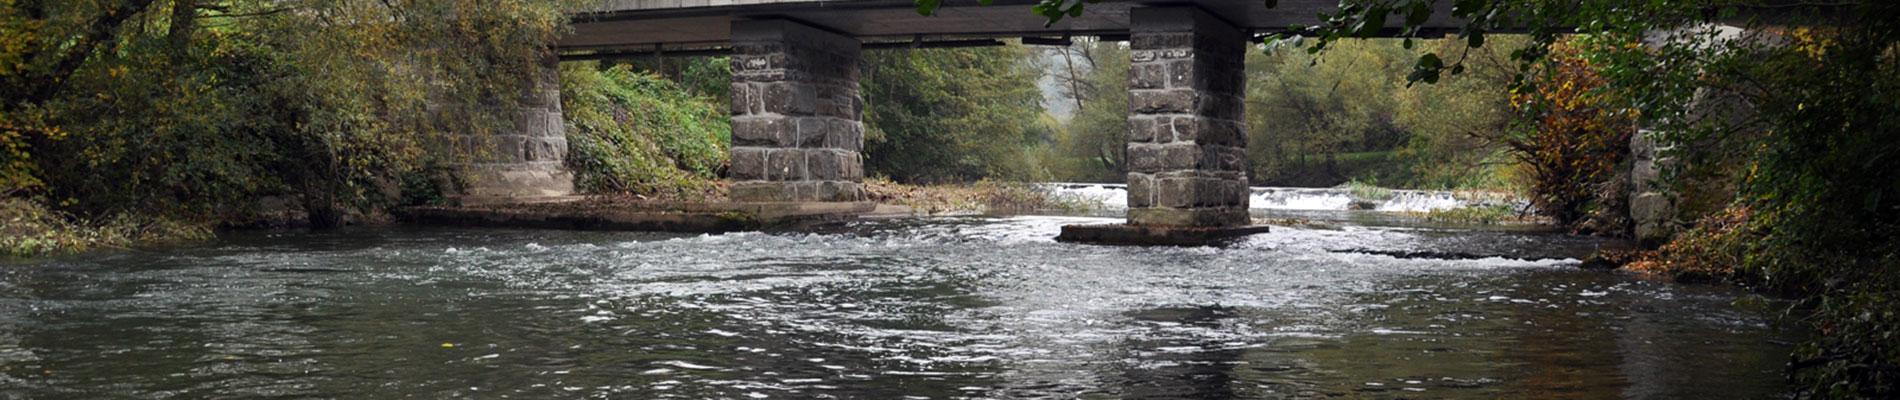 Reka Reka